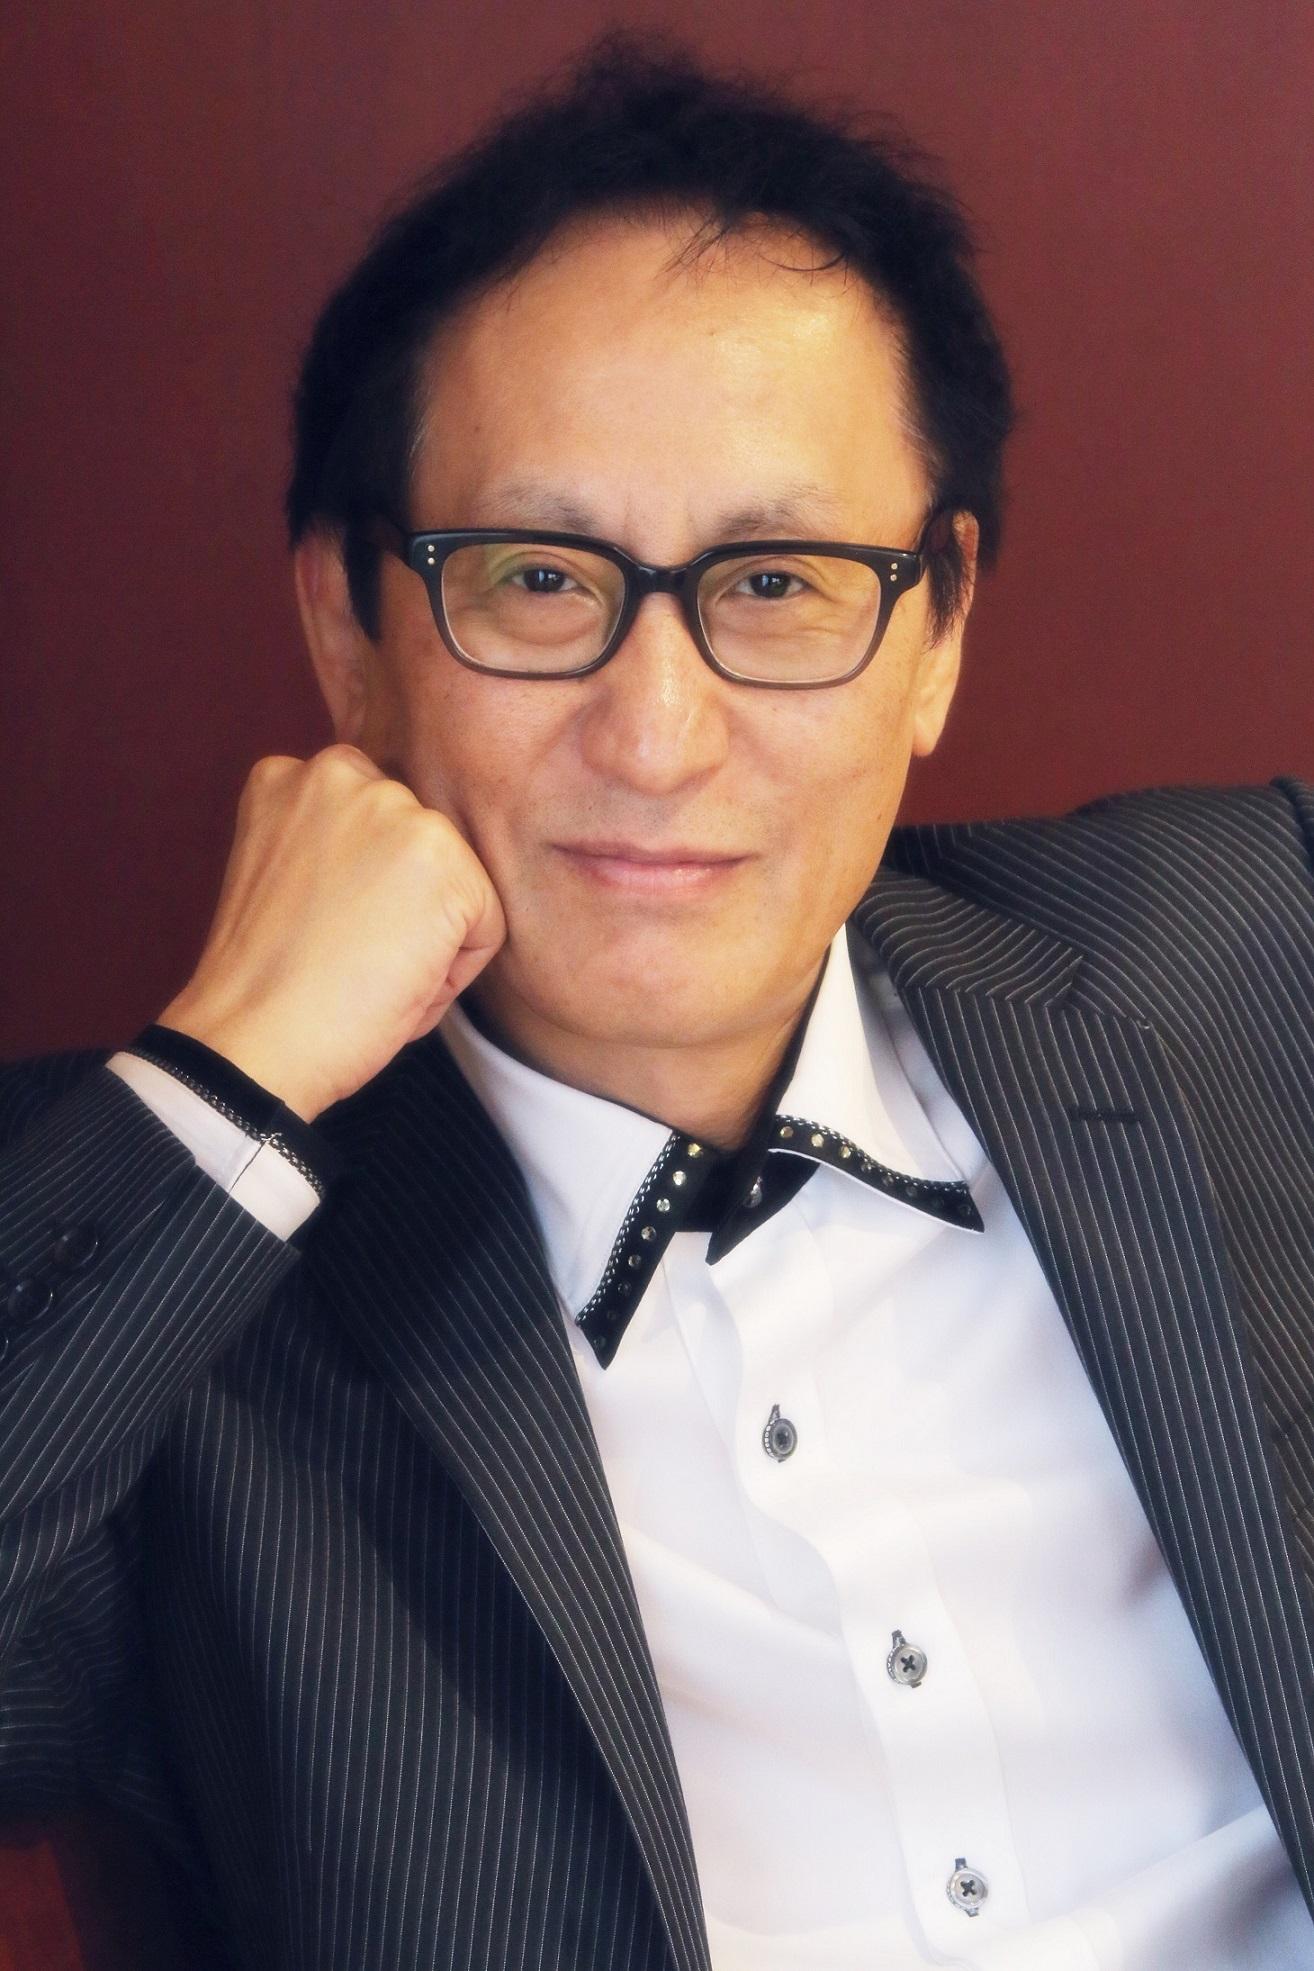 『日本の音楽と、武部聡志。~Happy 60~』特設サイトにて、松任谷正隆氏との対談記事掲載!